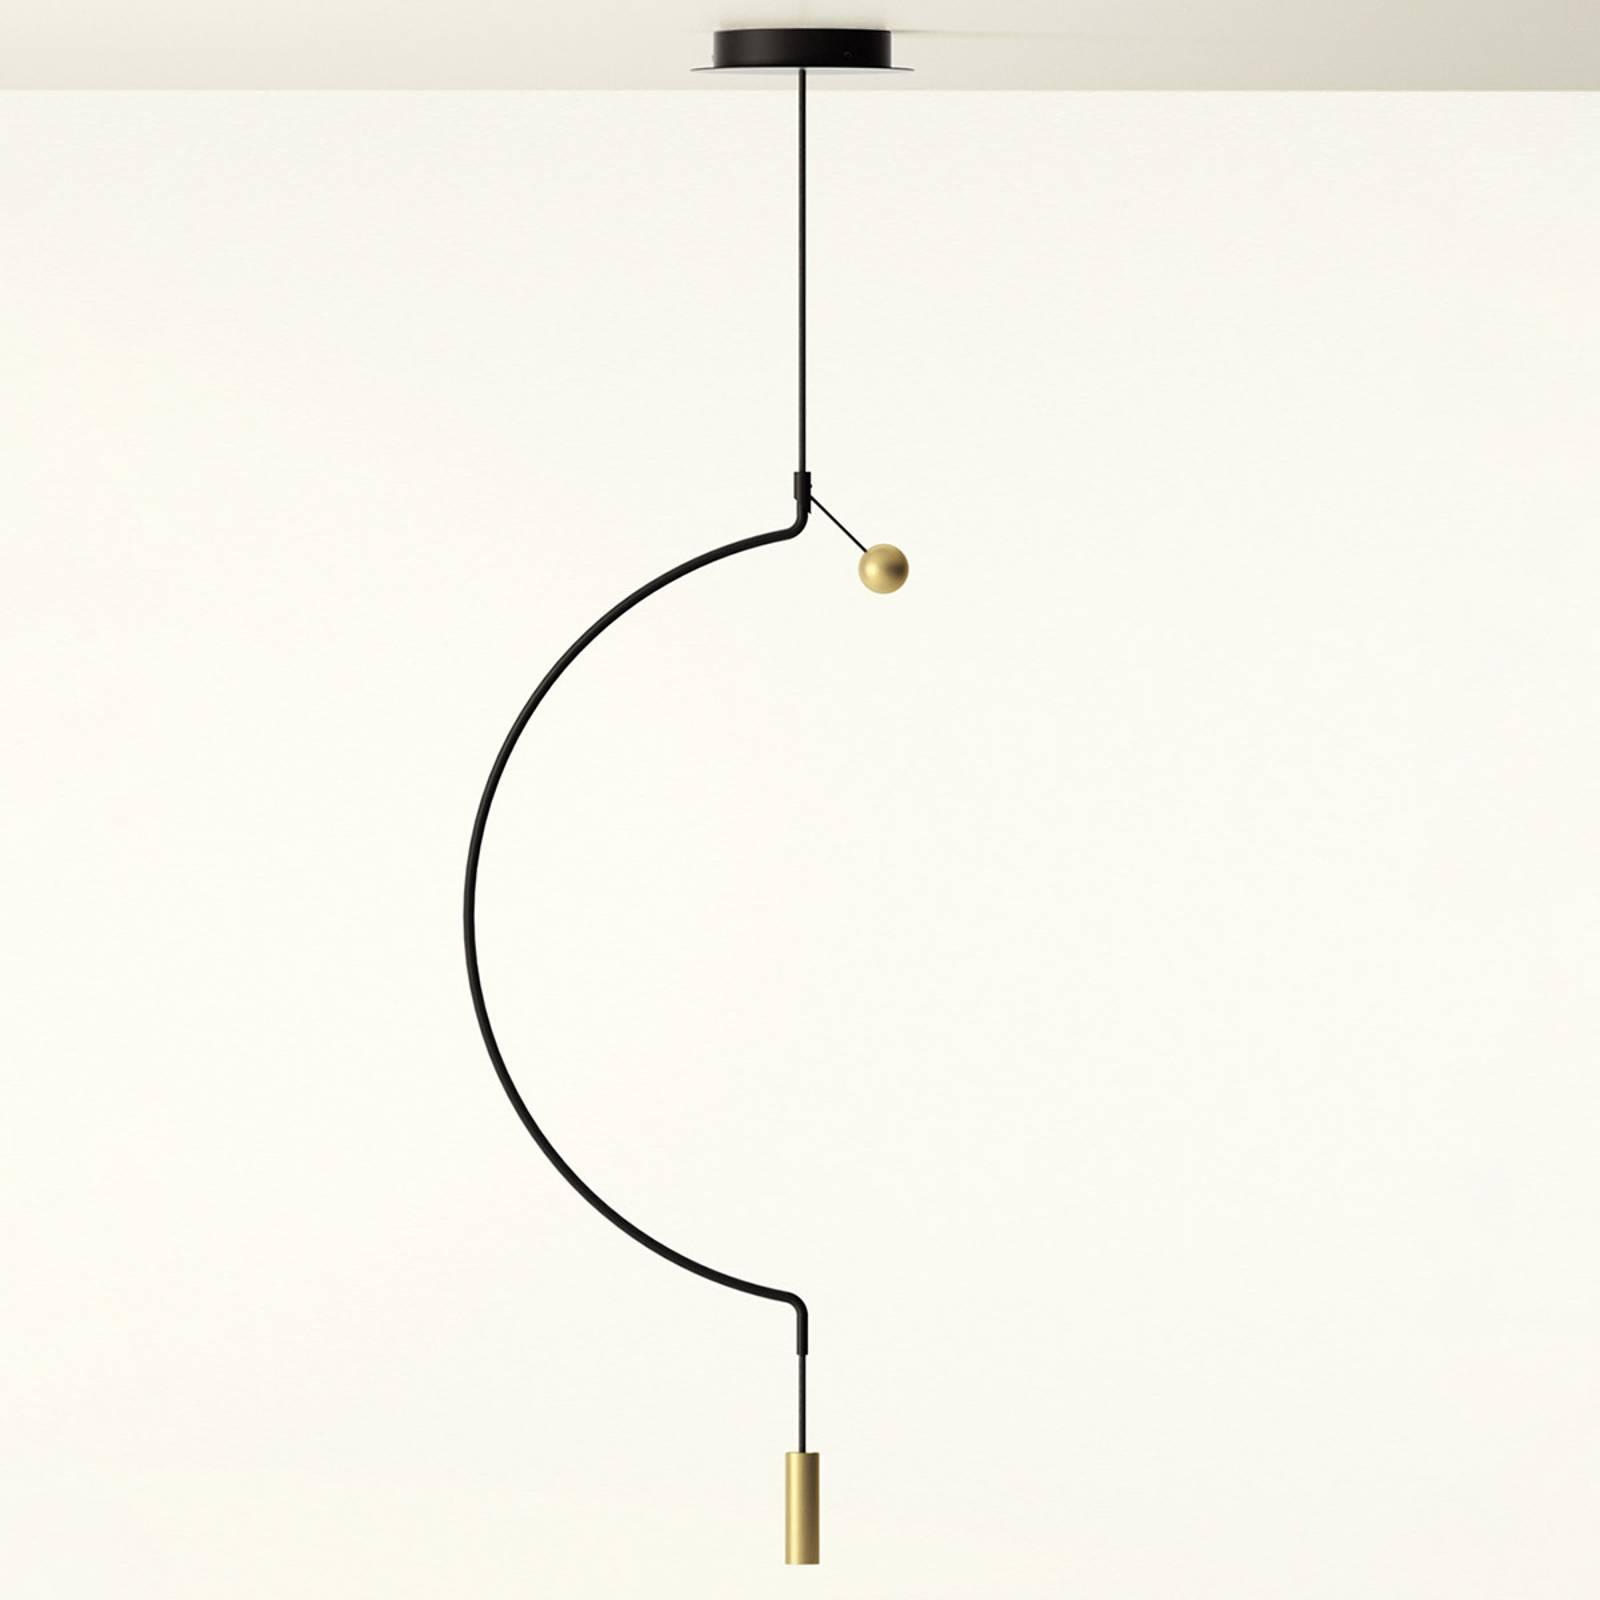 Axolight Liaison M1 hanglamp zwart/goud 46cm